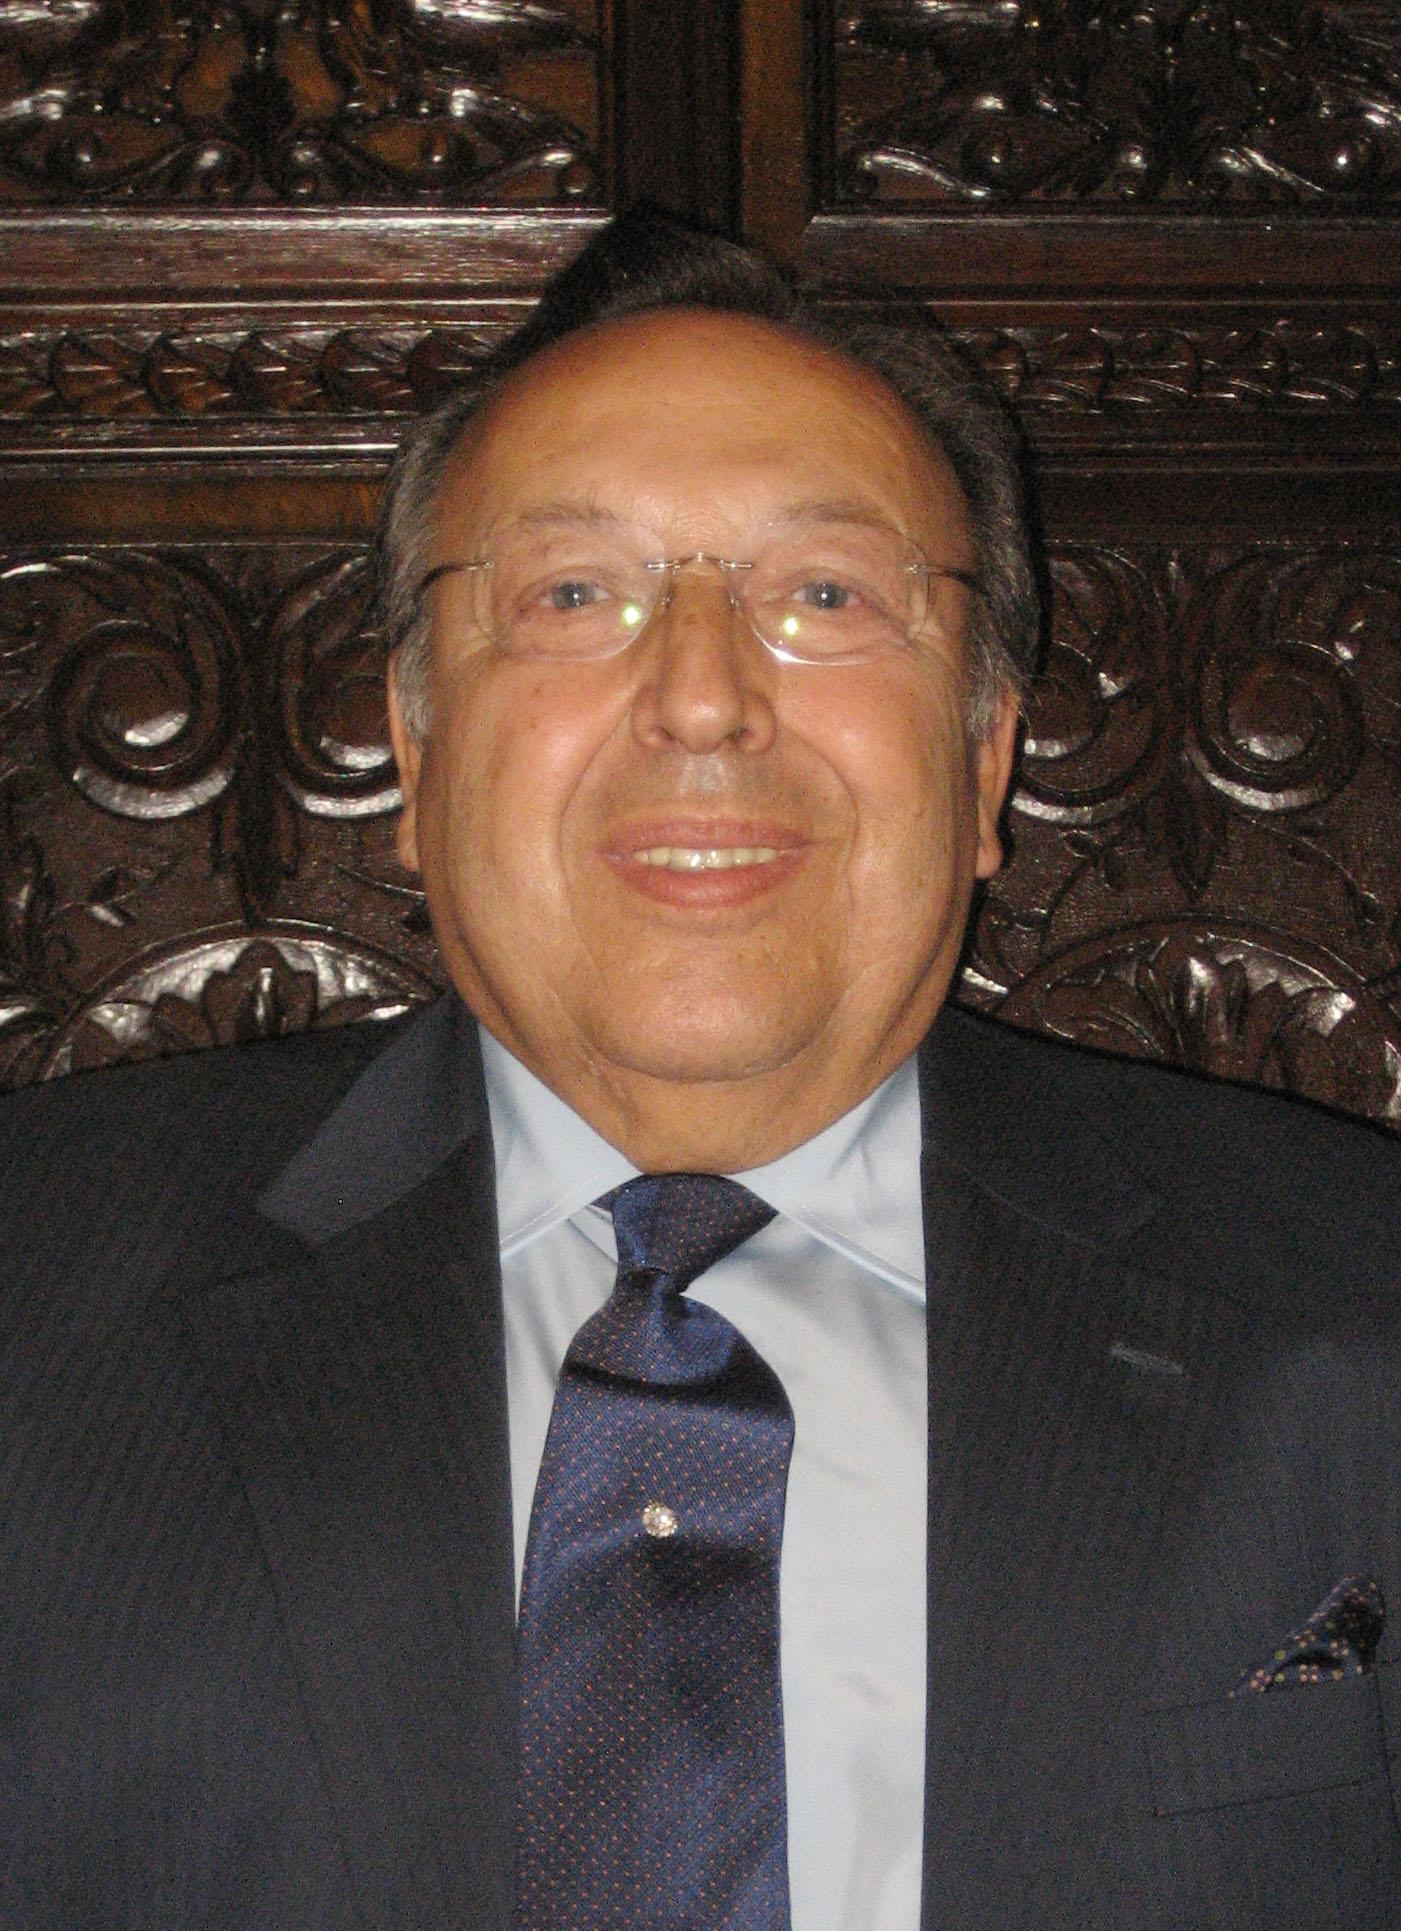 Paco Cepero - Wikipedia